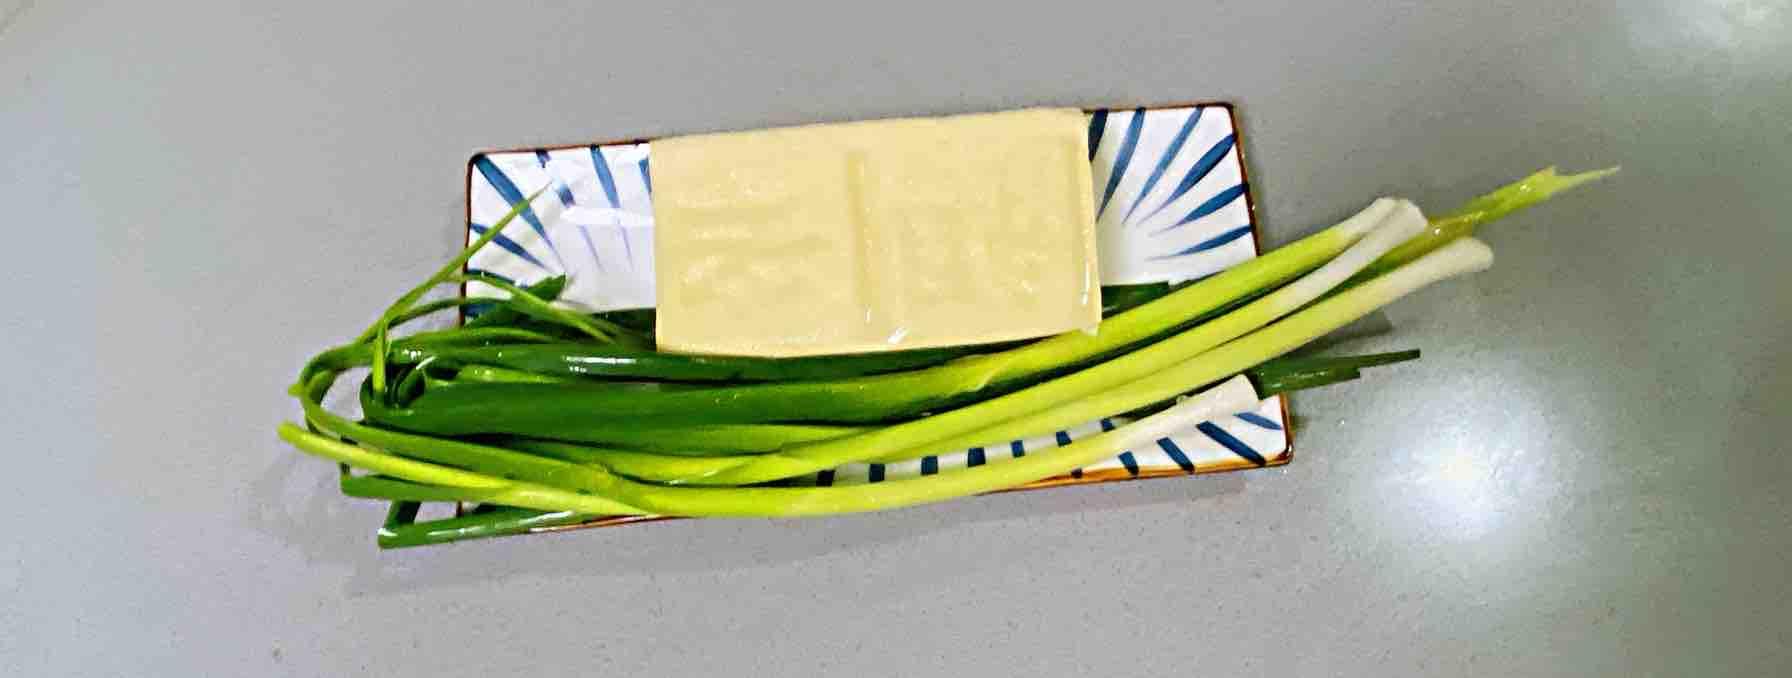 【孕妇食谱】鲍汁豆腐烧青蒜,鲜味浓郁,超级下饭~的做法大全